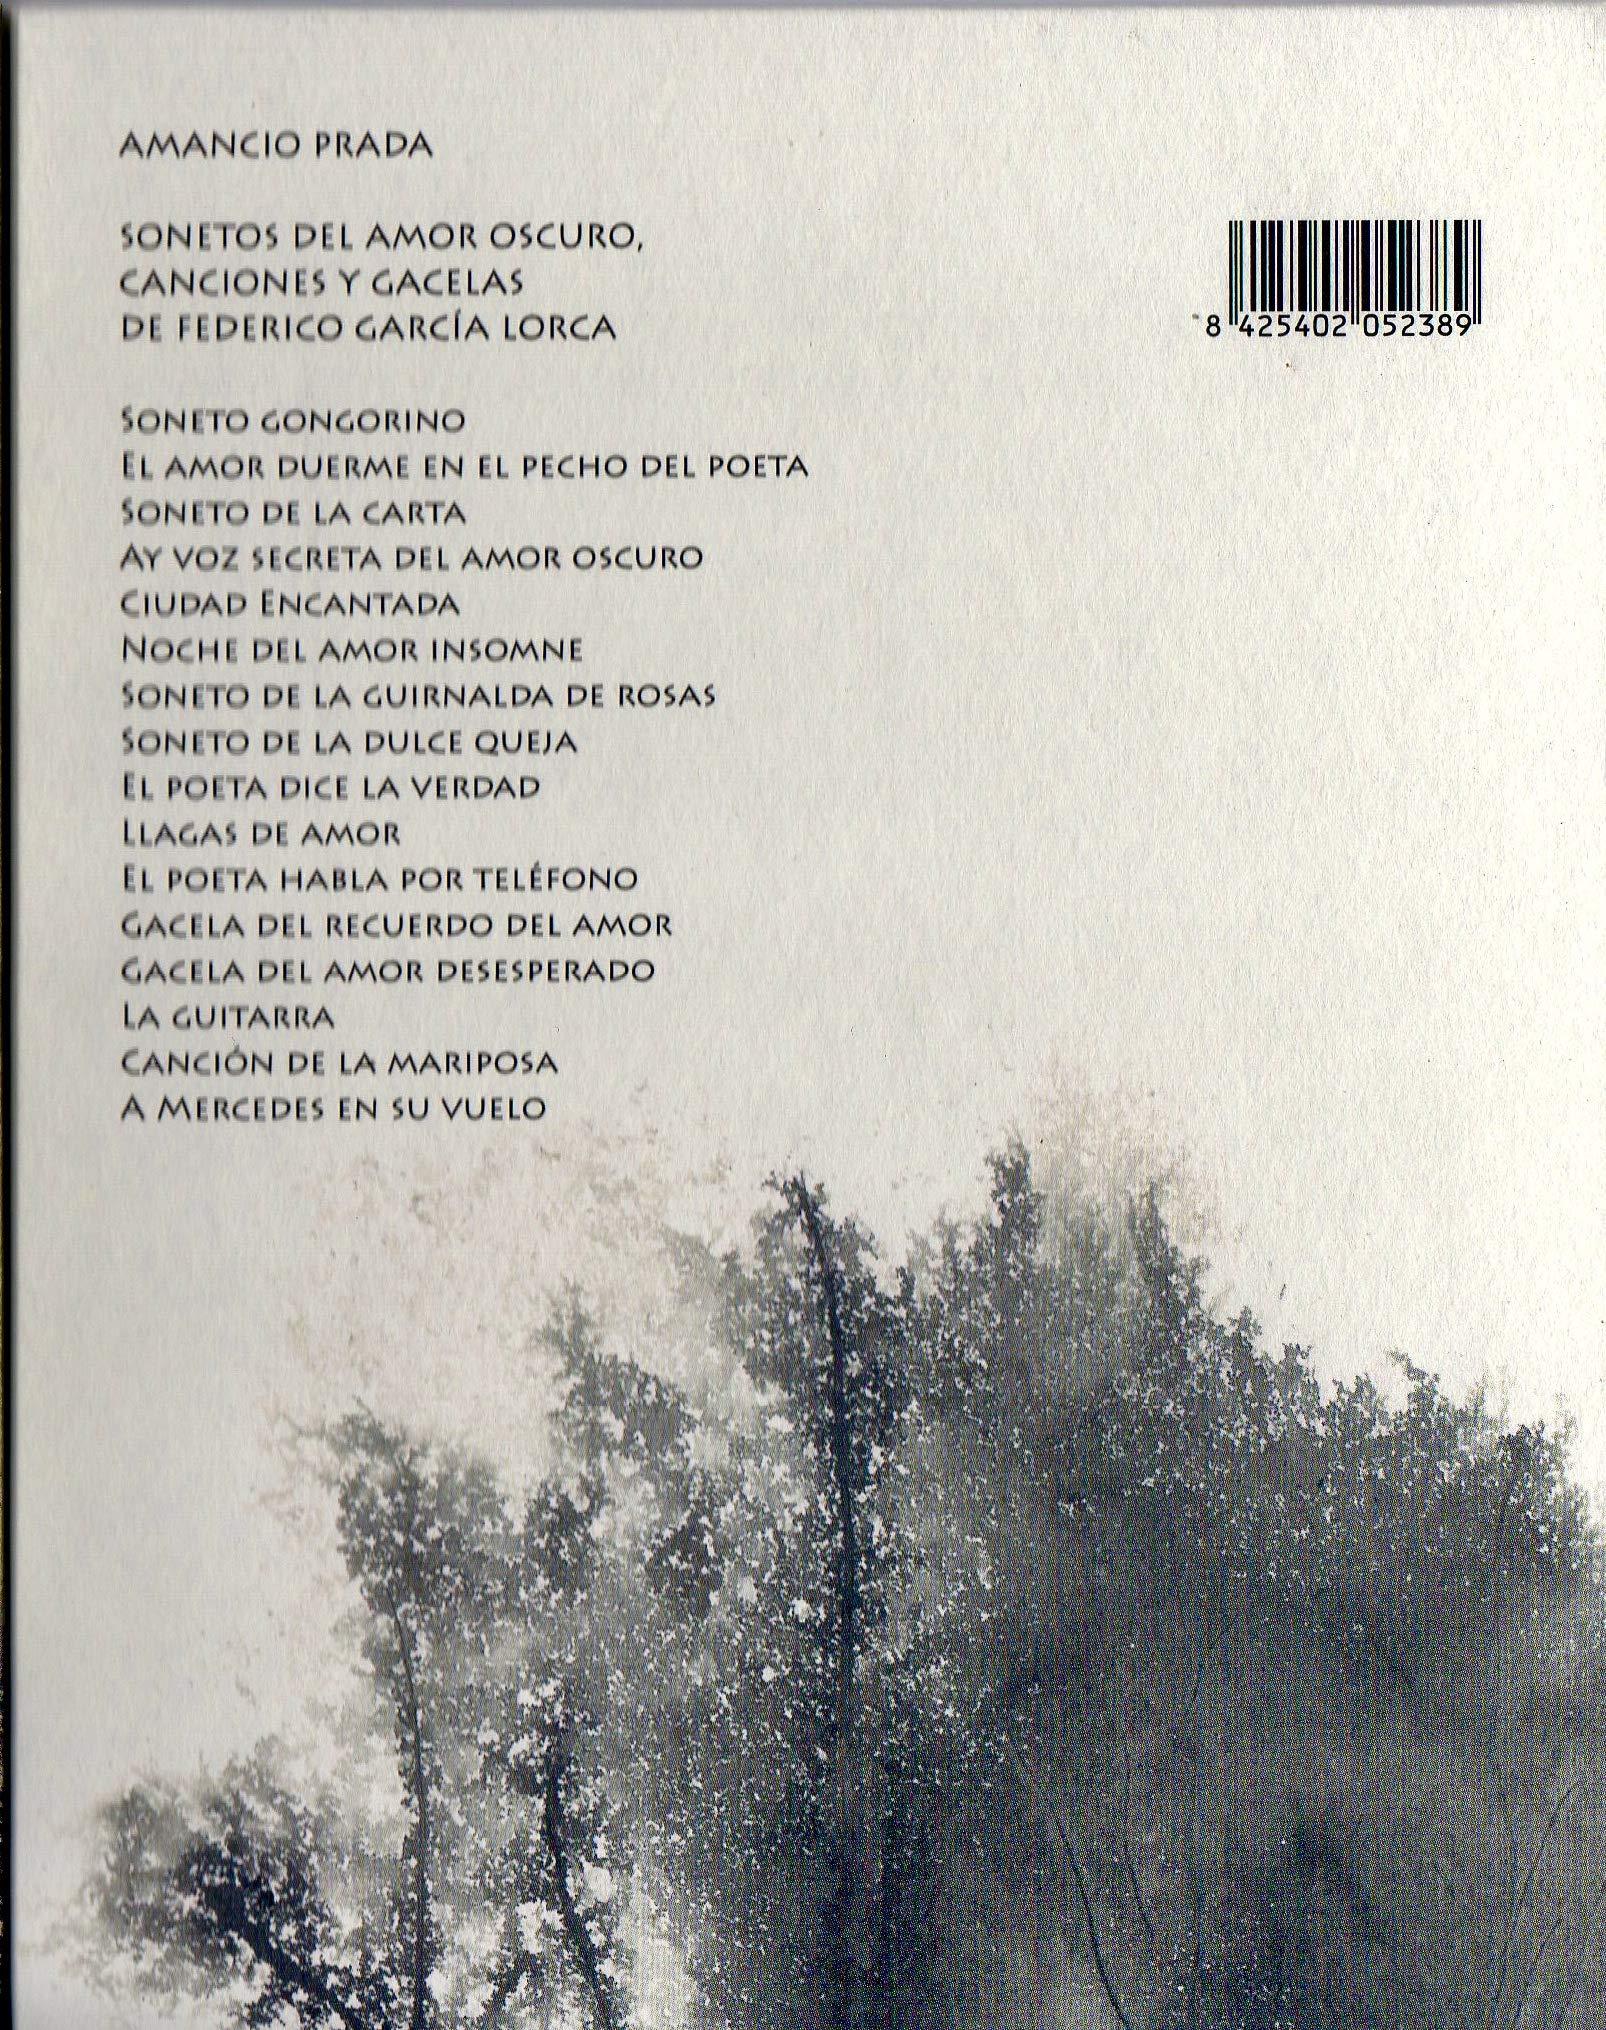 AMANCIO PRADA SONETOS DEL AMOR OSCURO: Amazon.es: Amancio Prada ...